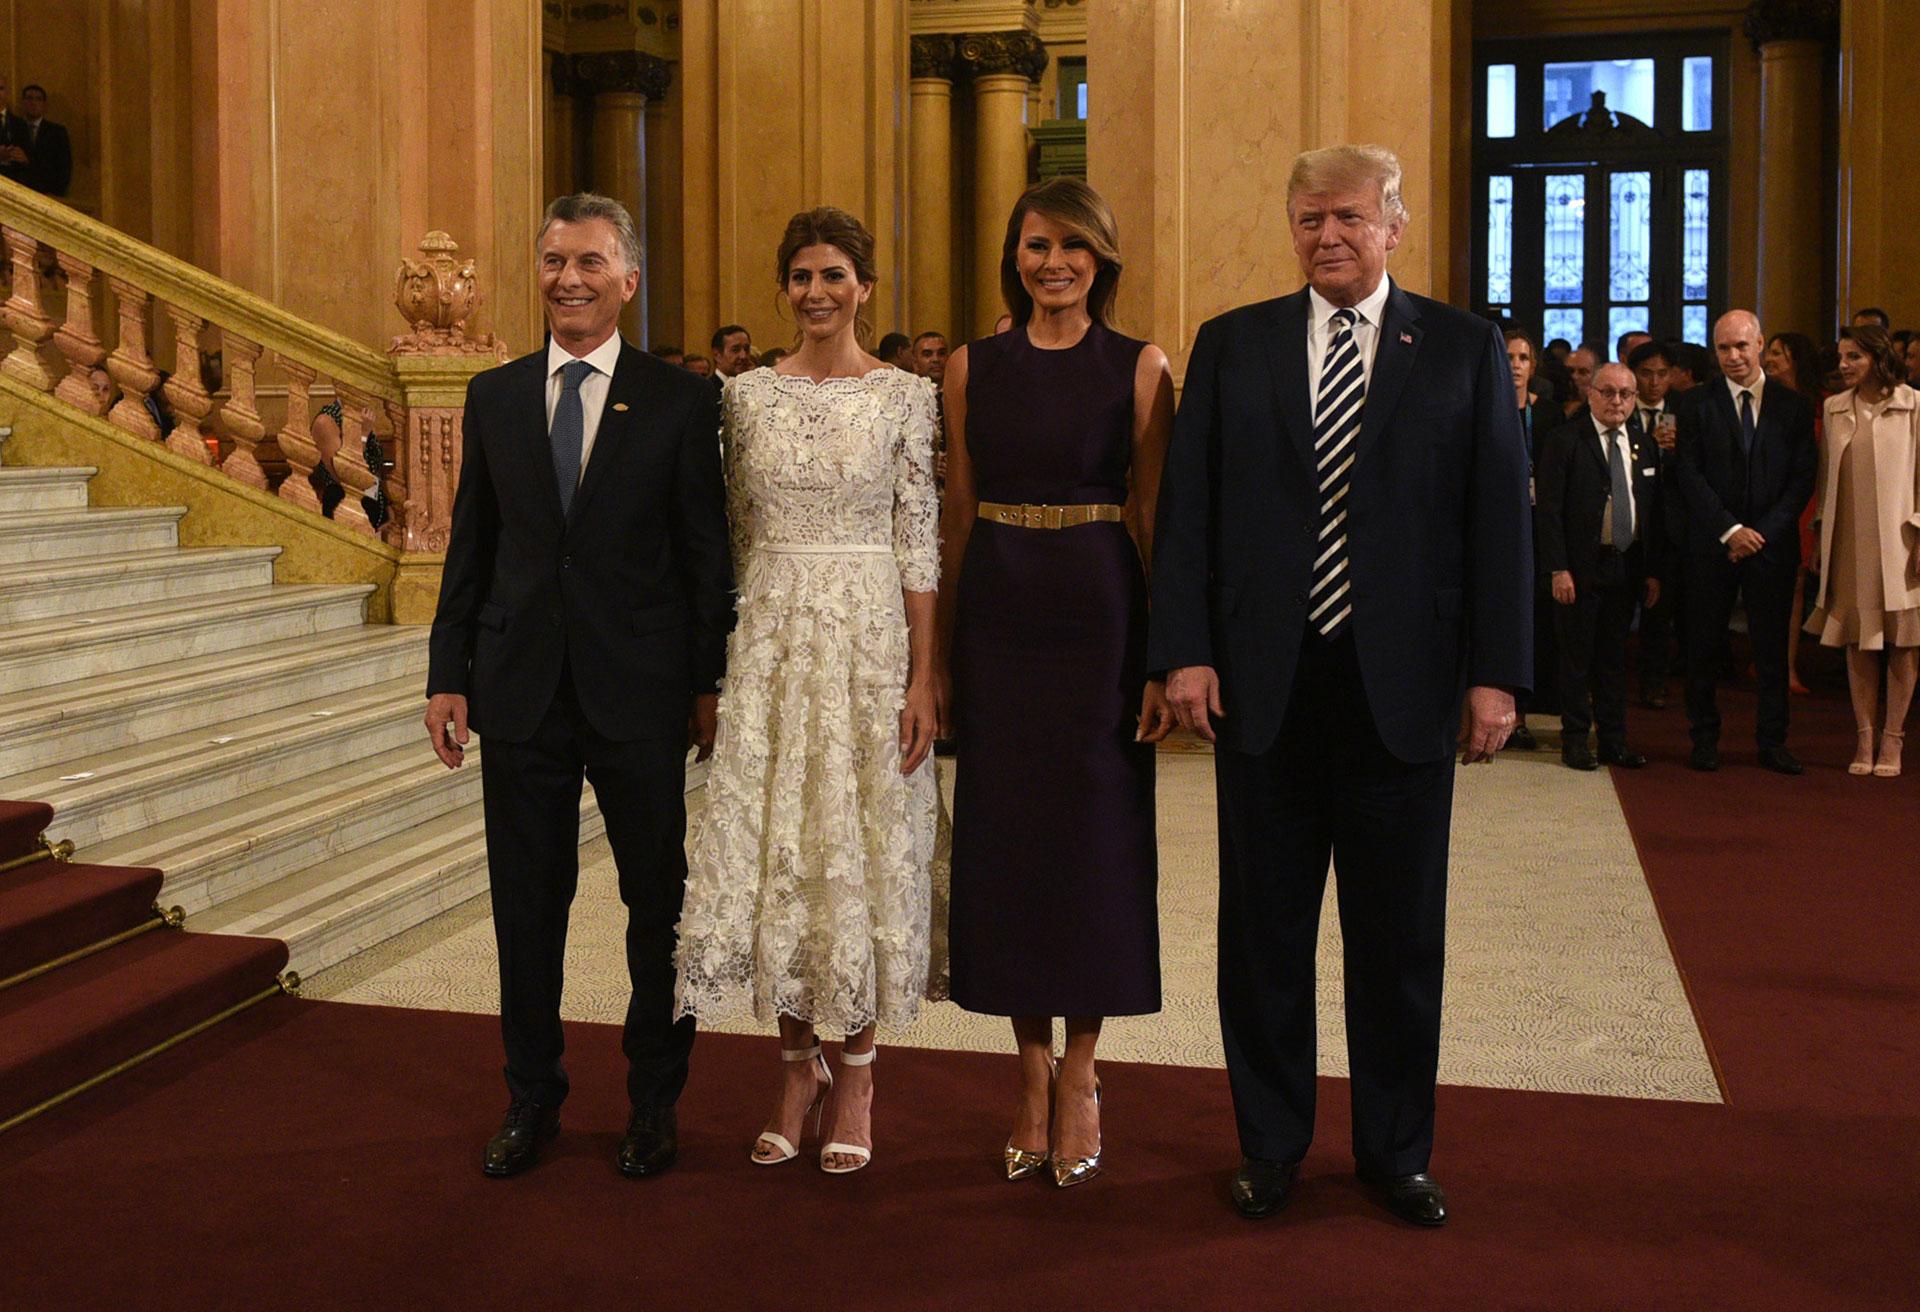 El Presidente Mauricio Macri y la Primera Dama, Juliana Awada, reciben al presidente de los Estados Unidos, Donald Trump, y su mujer Melania